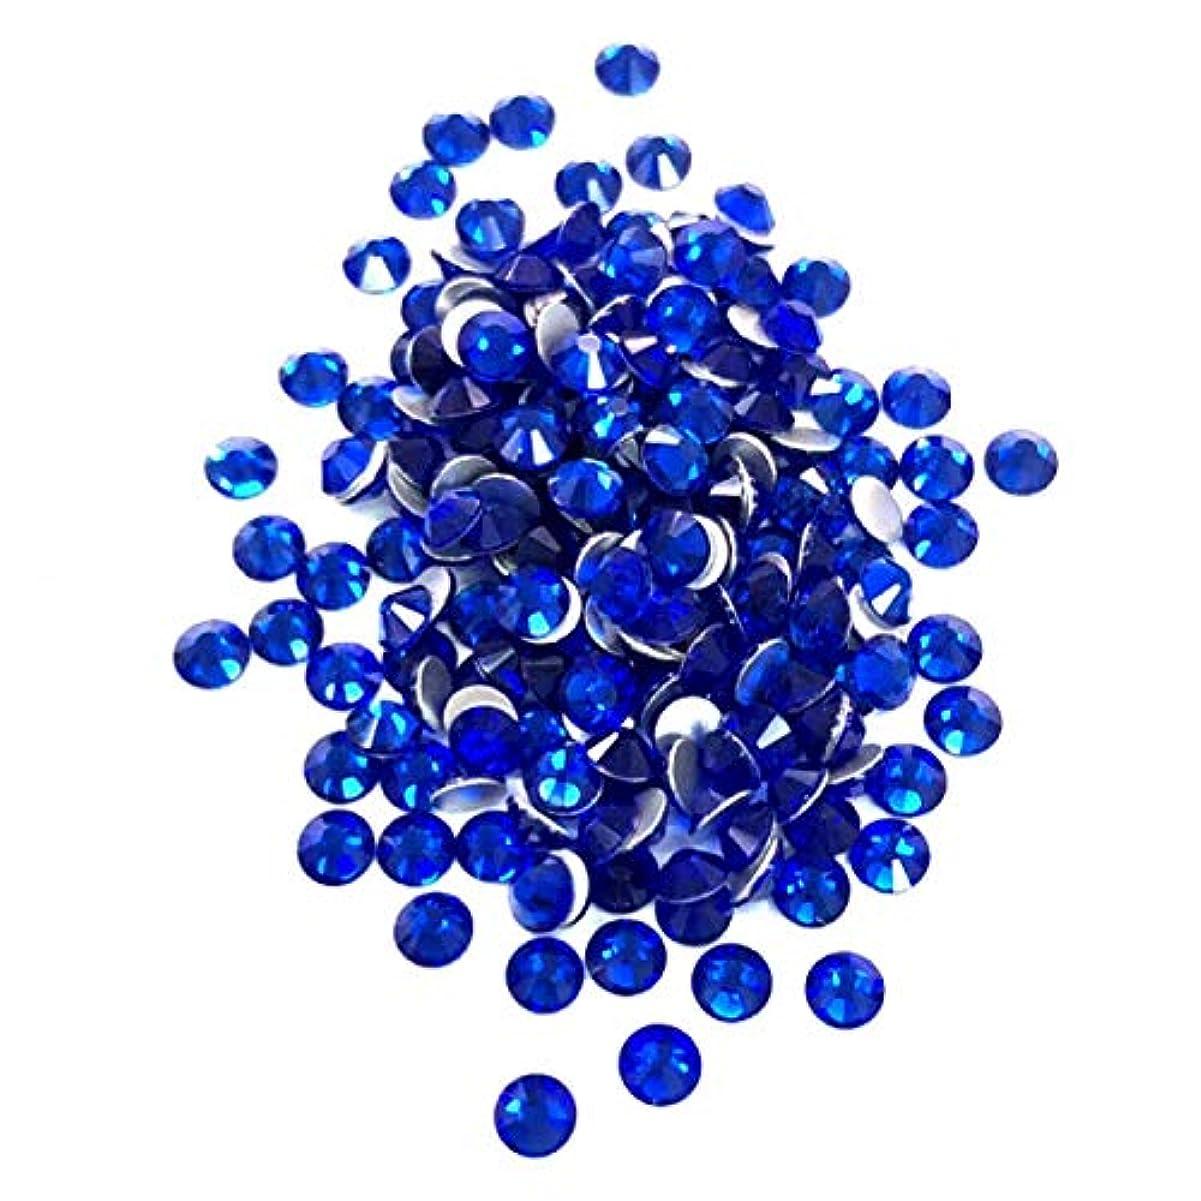 宿る道に迷いました裸【ネイルウーマン】最高品質ガラスストーン!スワロ同等の輝き! サファイア ブルー 青色 (約100粒入り) (サファイア) (SS3, サファイア)